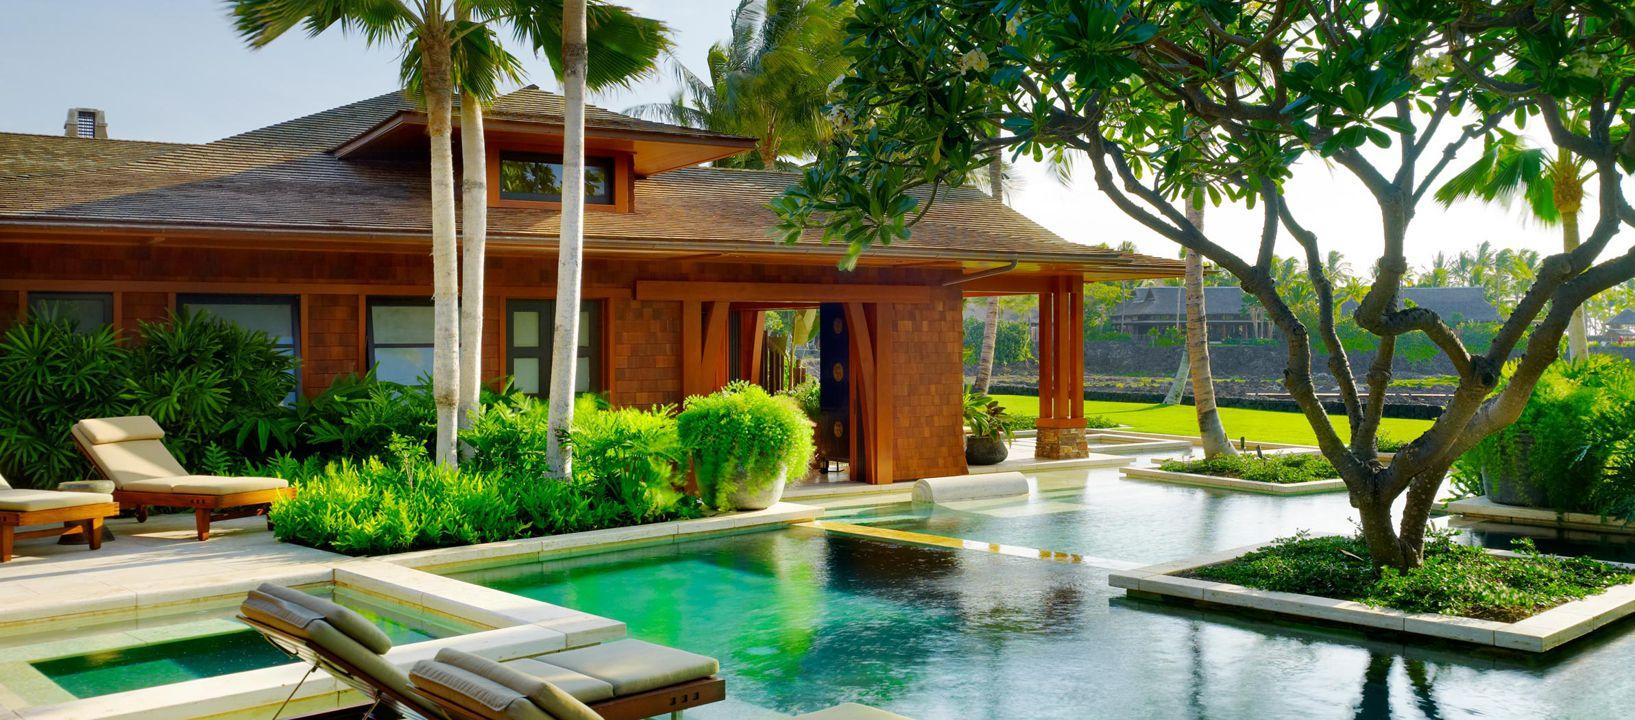 Rental Apartment V/S Rental Villa